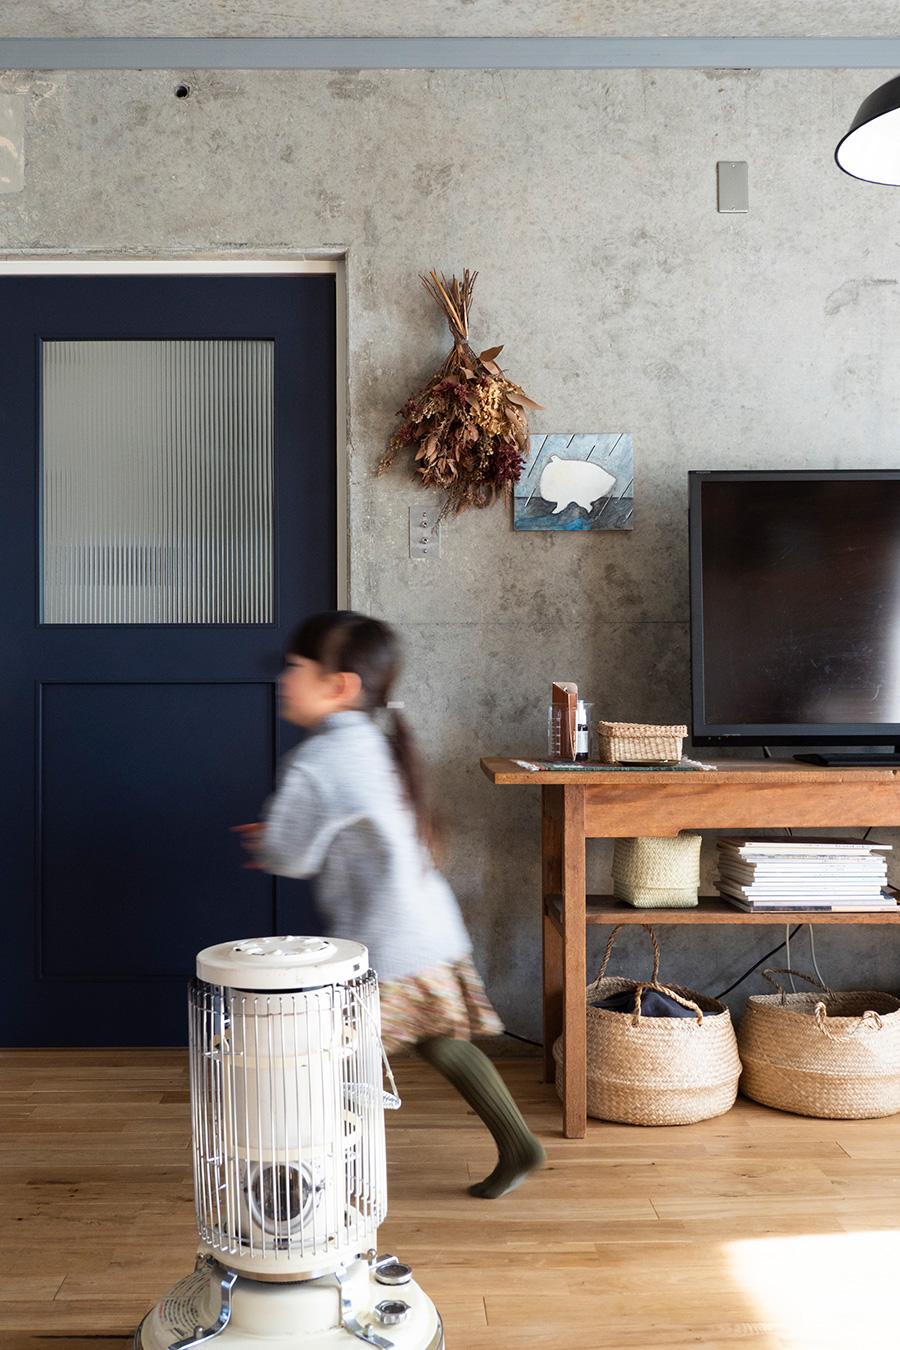 当初、アンティークで探したドアは、LIXILで統一することに。色やガラスなどをセレクトすることができる。